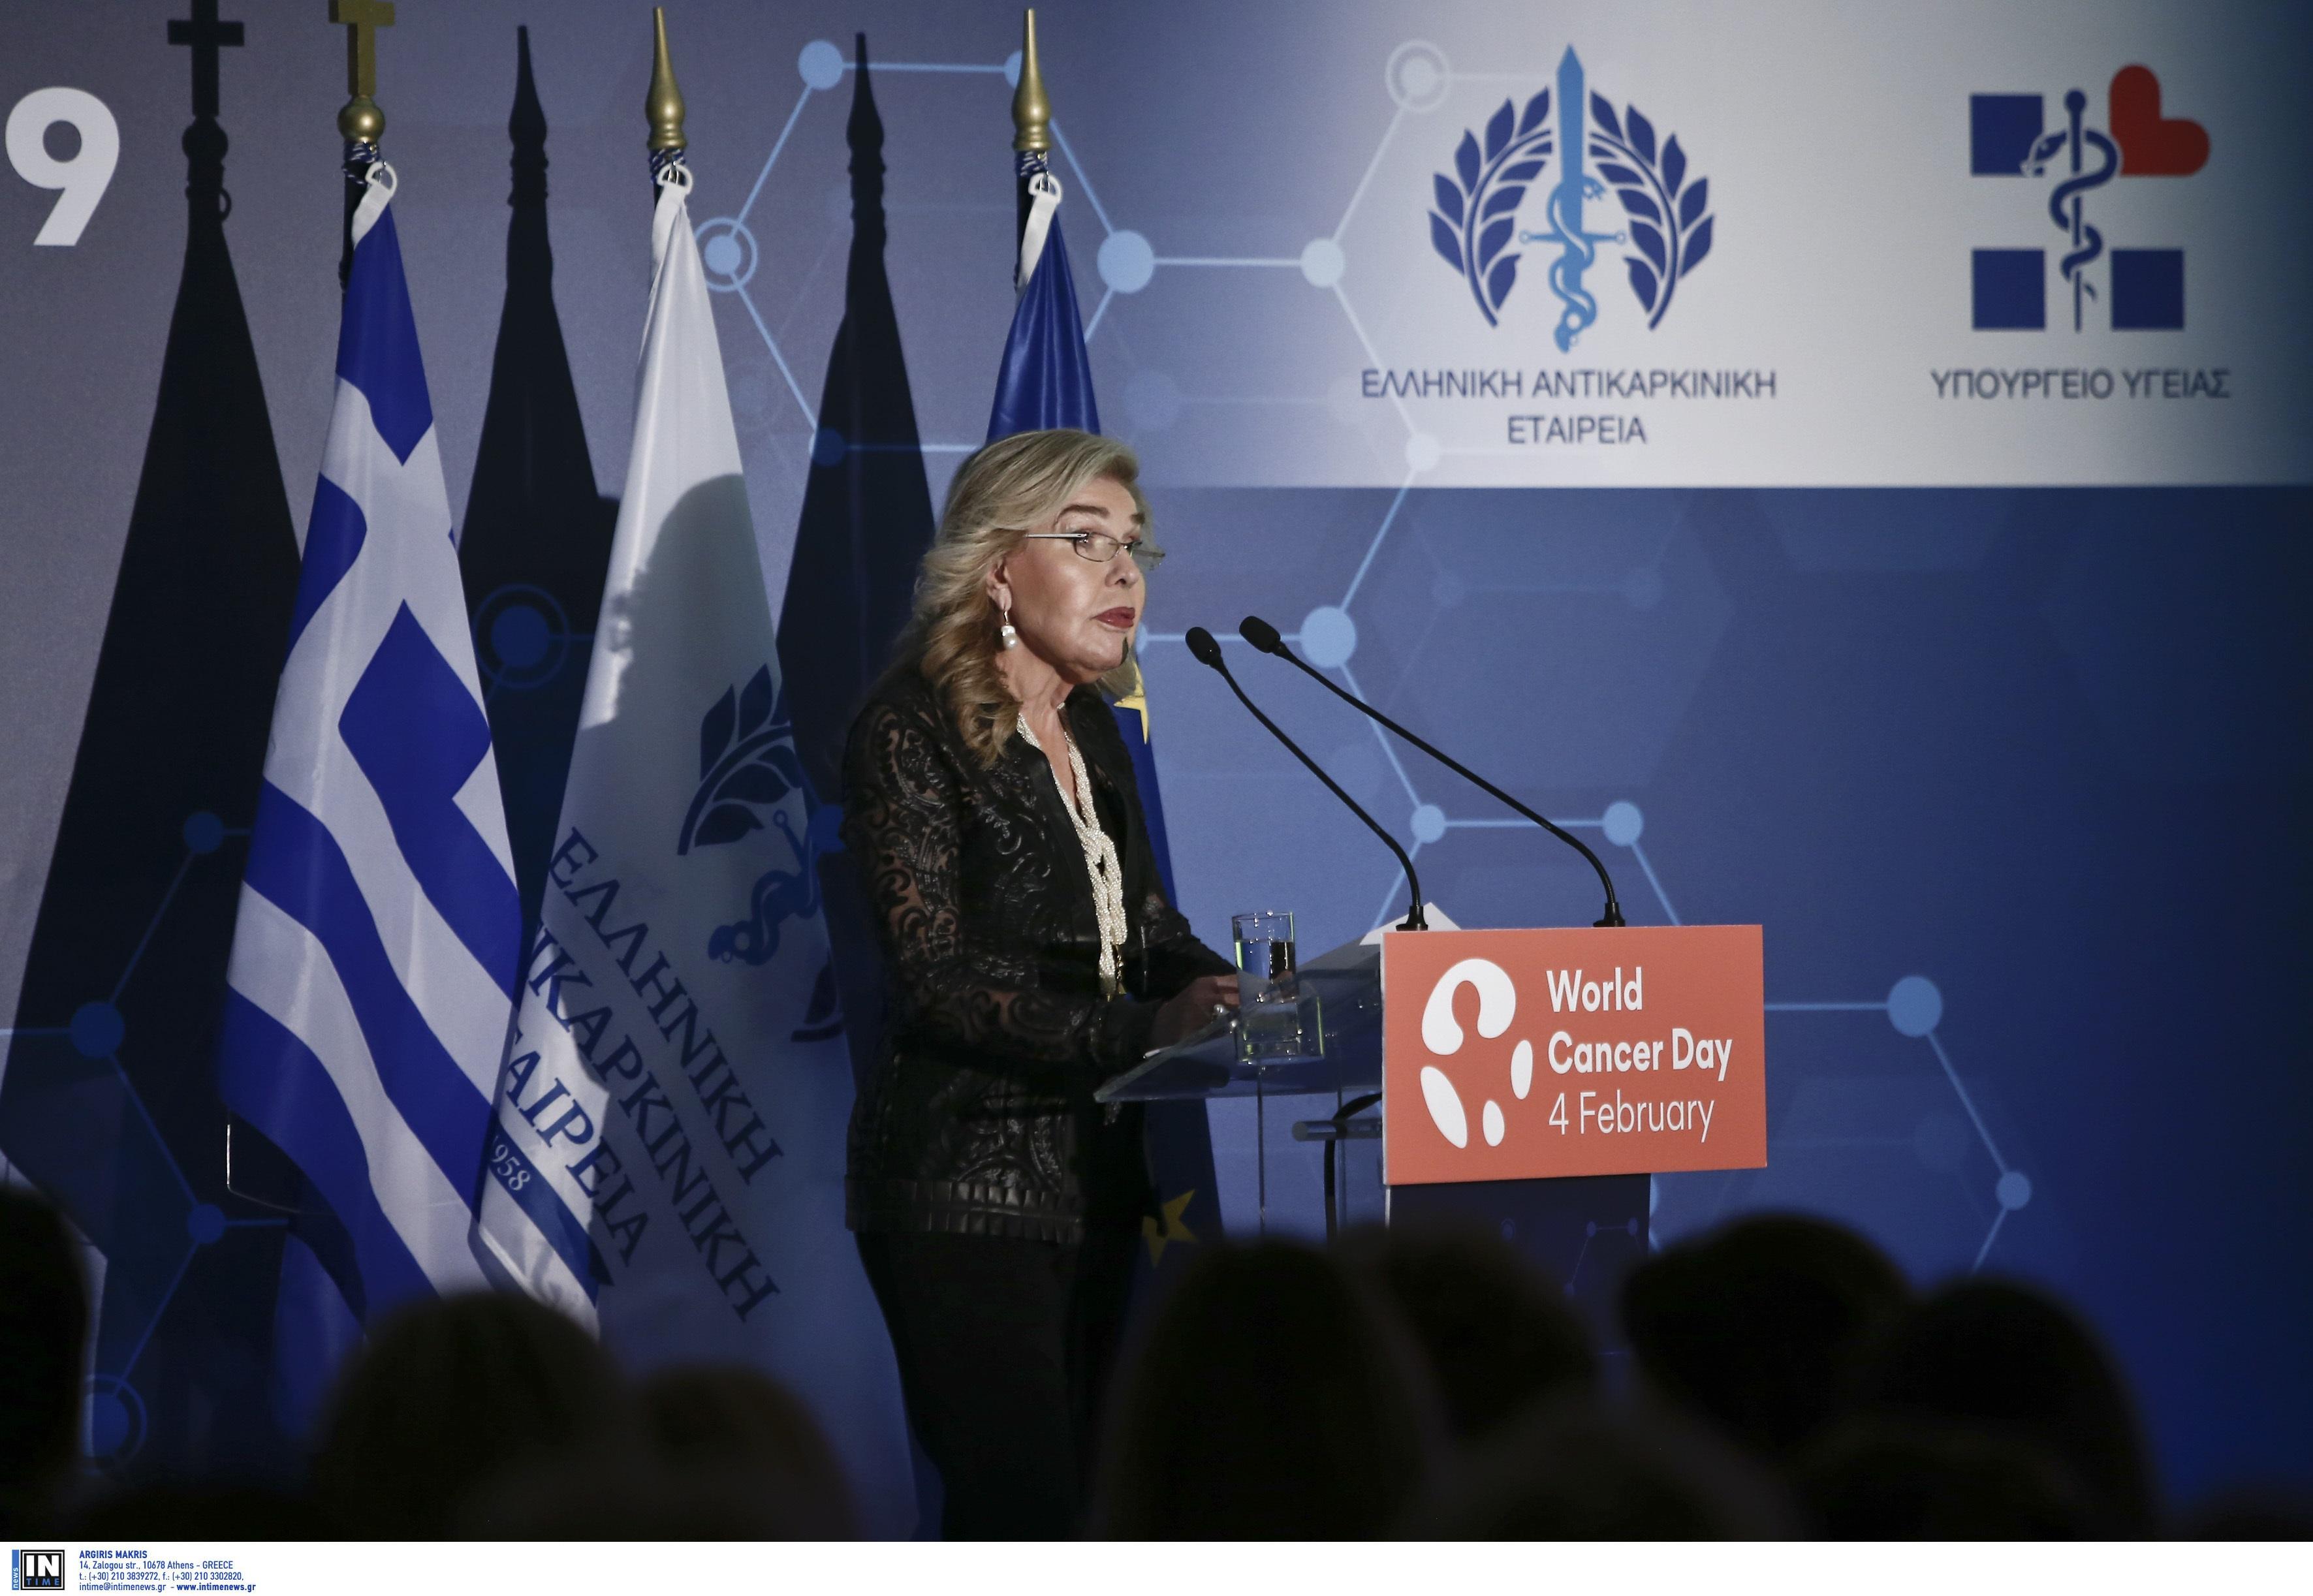 Επετειακό Έτος Θερμοπύλες, Σαλαμίνα 2020: Εκδηλώσεις και πρωτοβουλίες